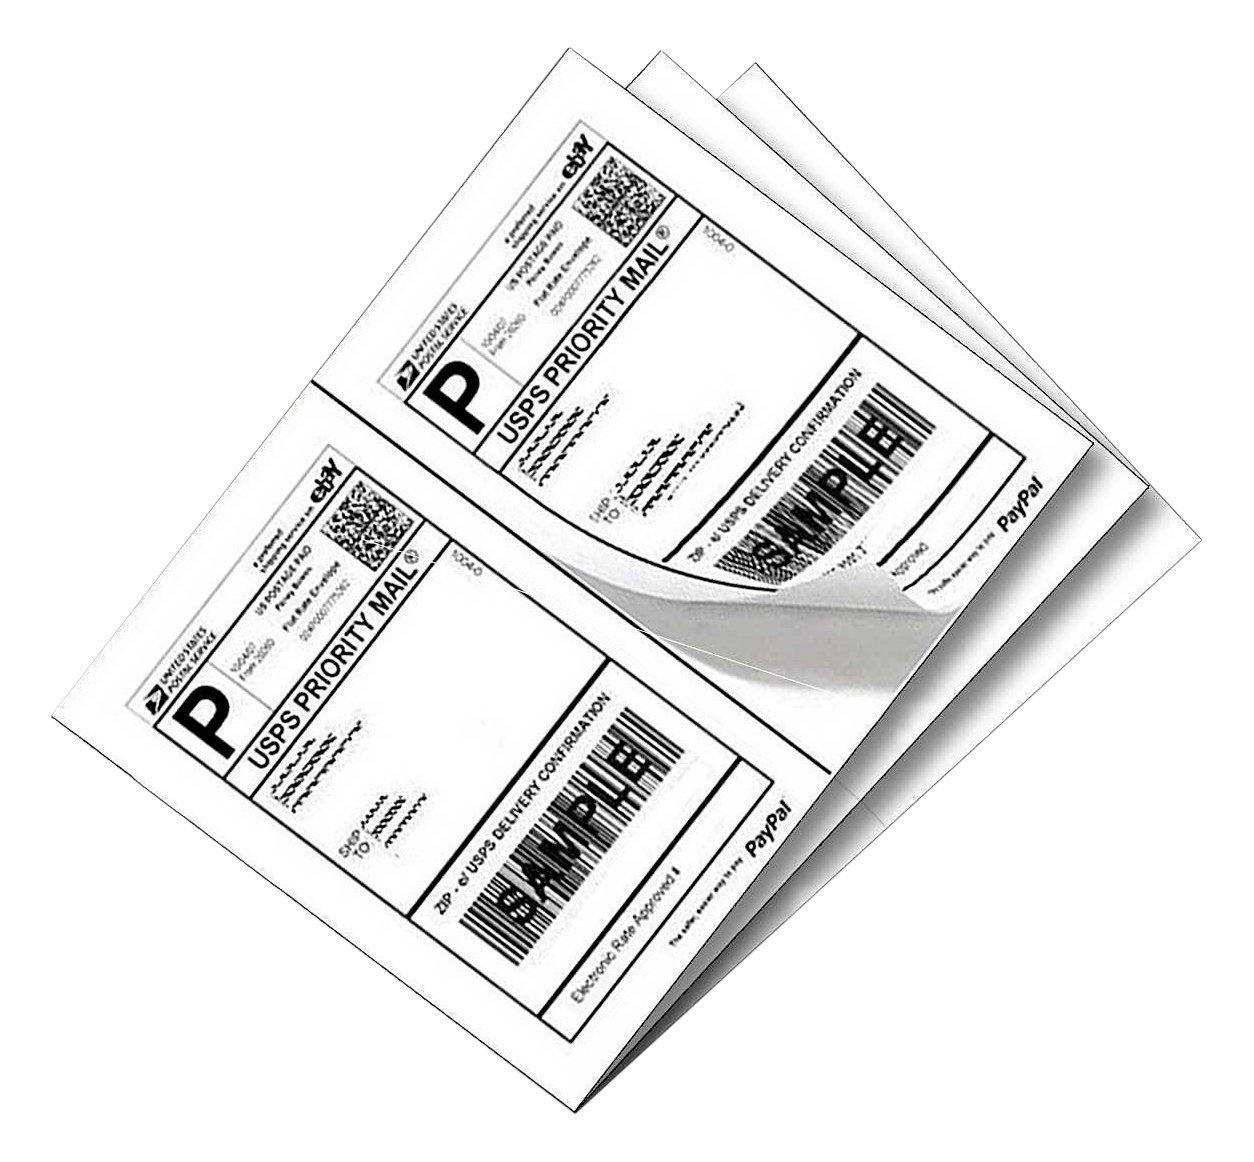 SJPACK 2000 8.5x5.5 Half Sheet Laser/Ink Jet Shipping Labels Mailing Blank Labels